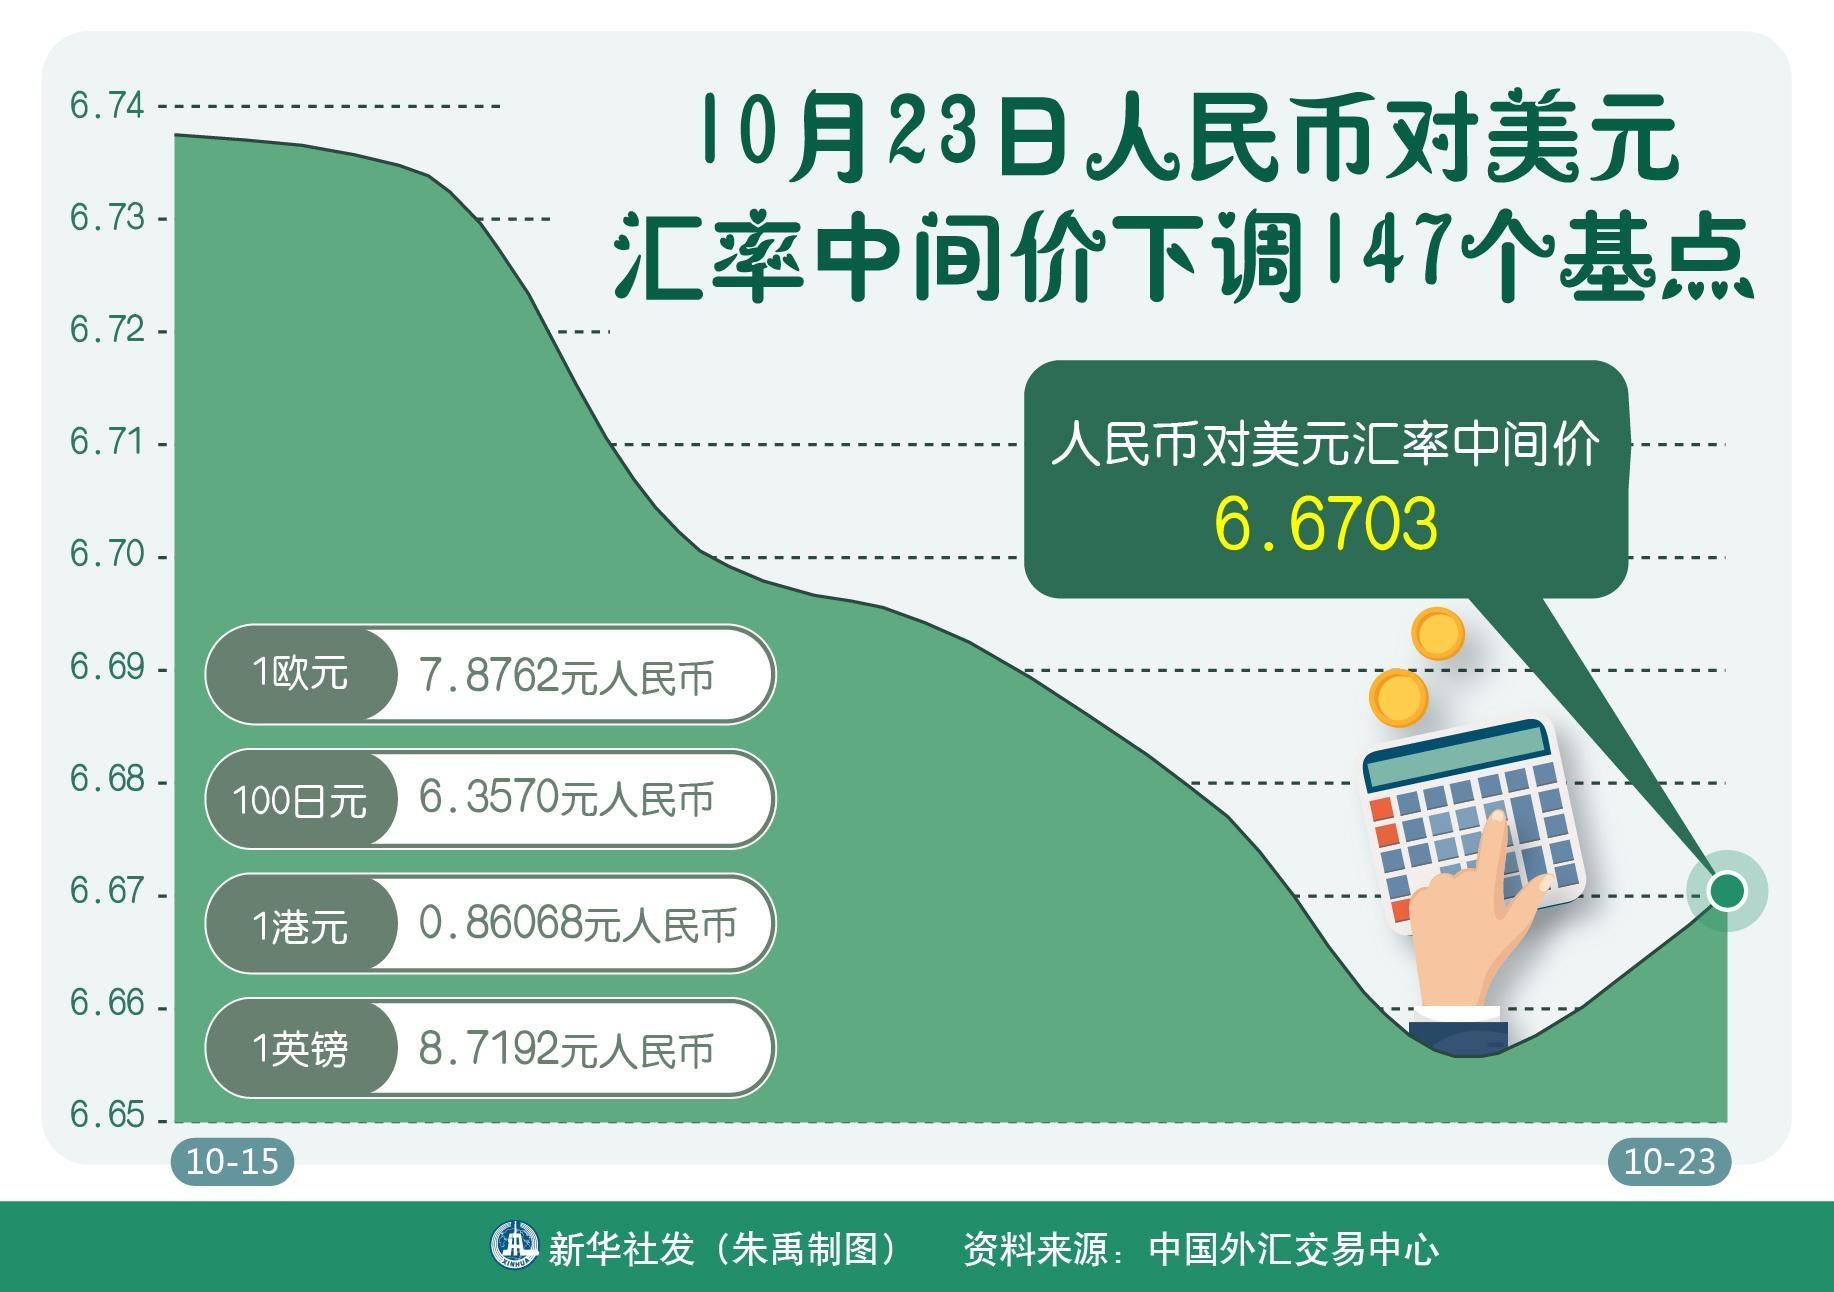 [财经·行情]10月23日人民币对美元汇率中间价下调147个基点